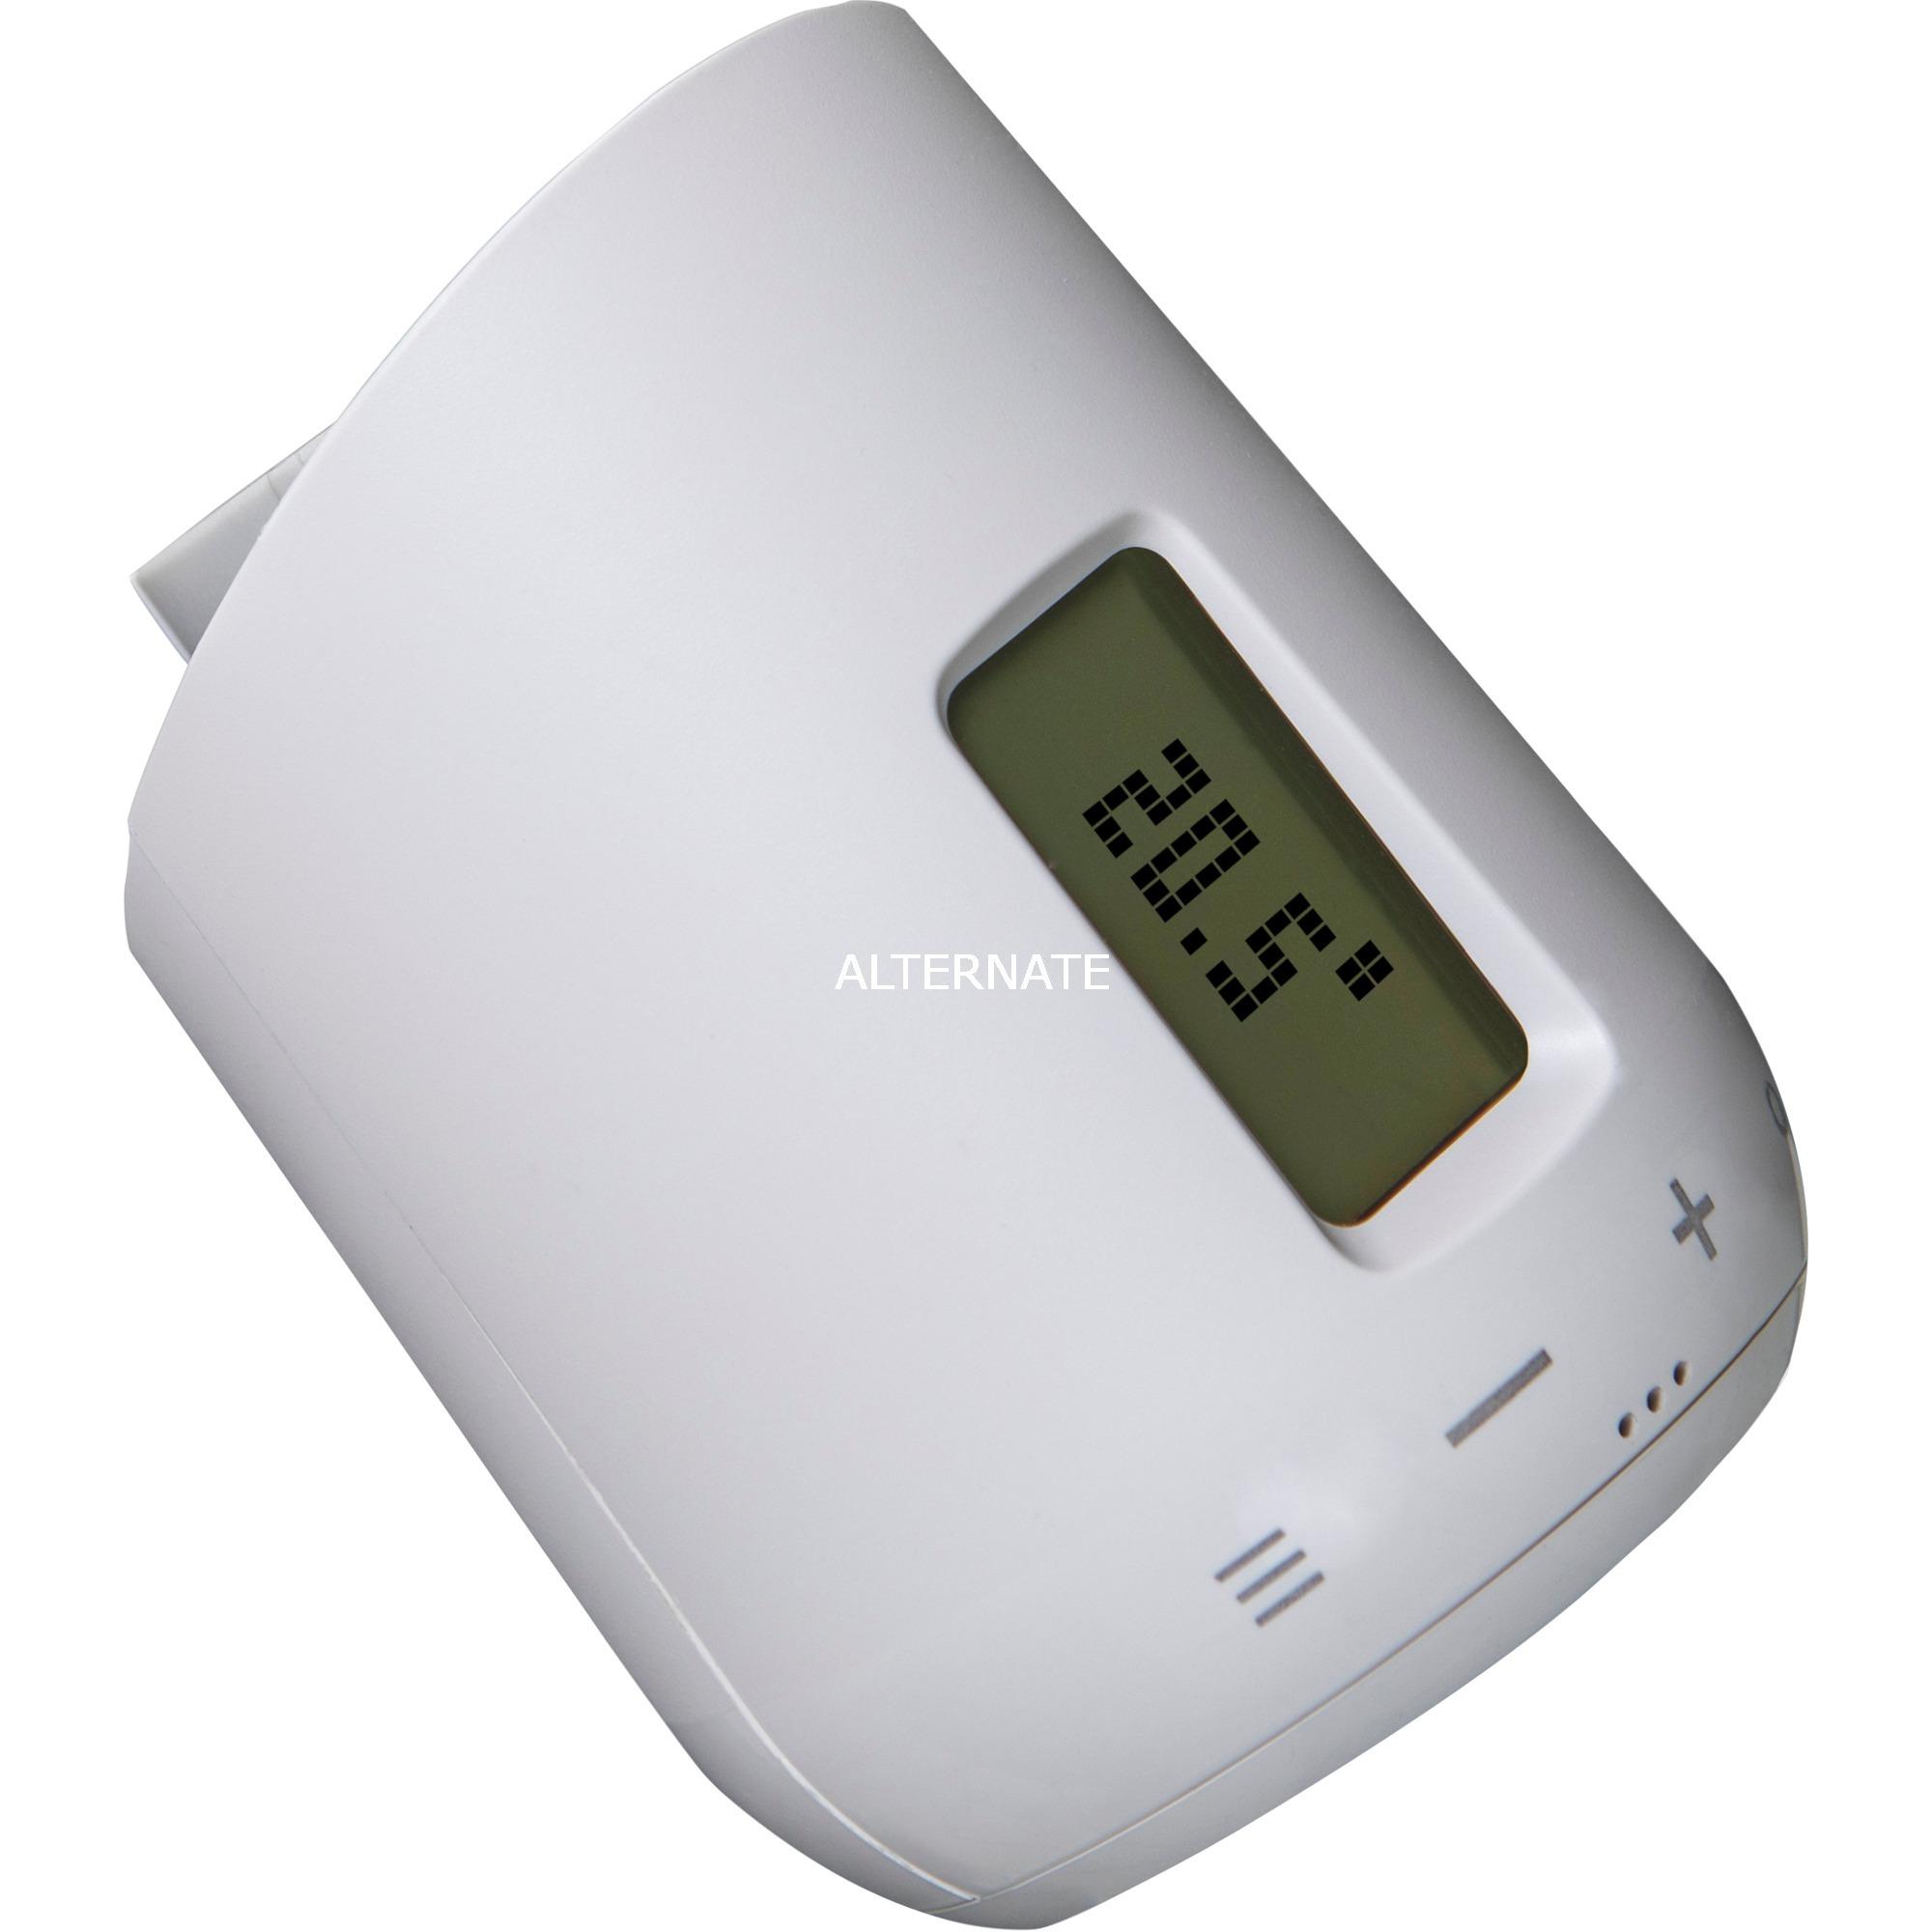 Genius LCD 100 termoestato Blanco, Termostato de la calefacción